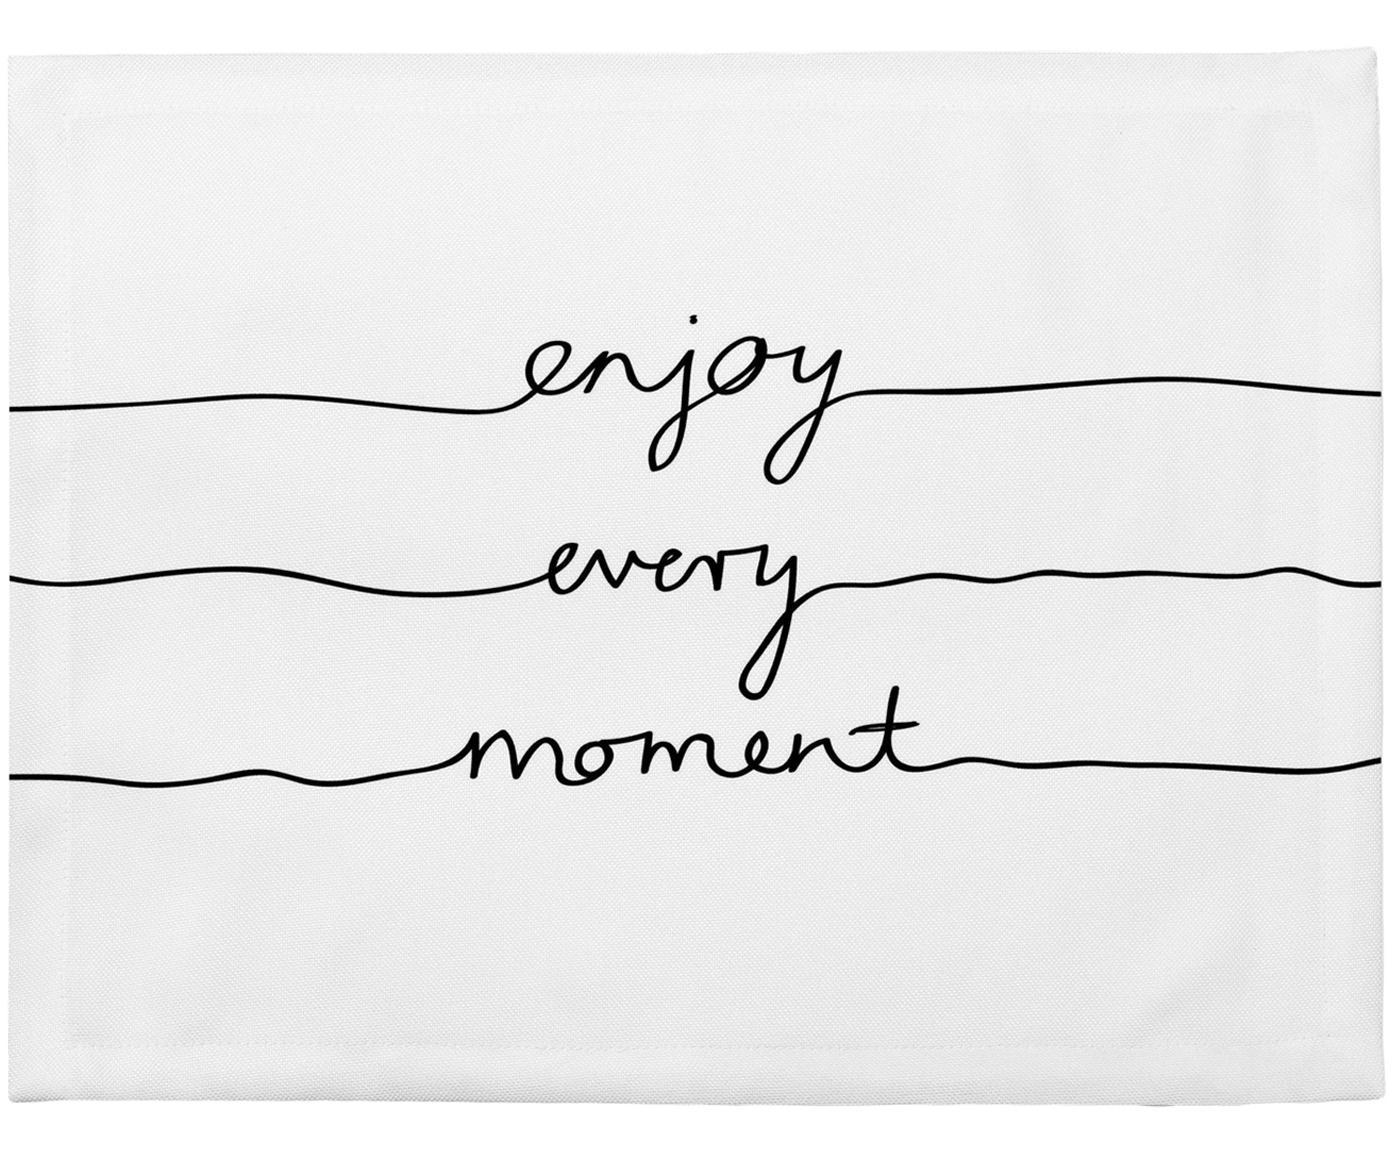 Podkładka Enjoy every Moment, 4 szt., Poliester, Czarny, biały, S 35 x D 45 cm